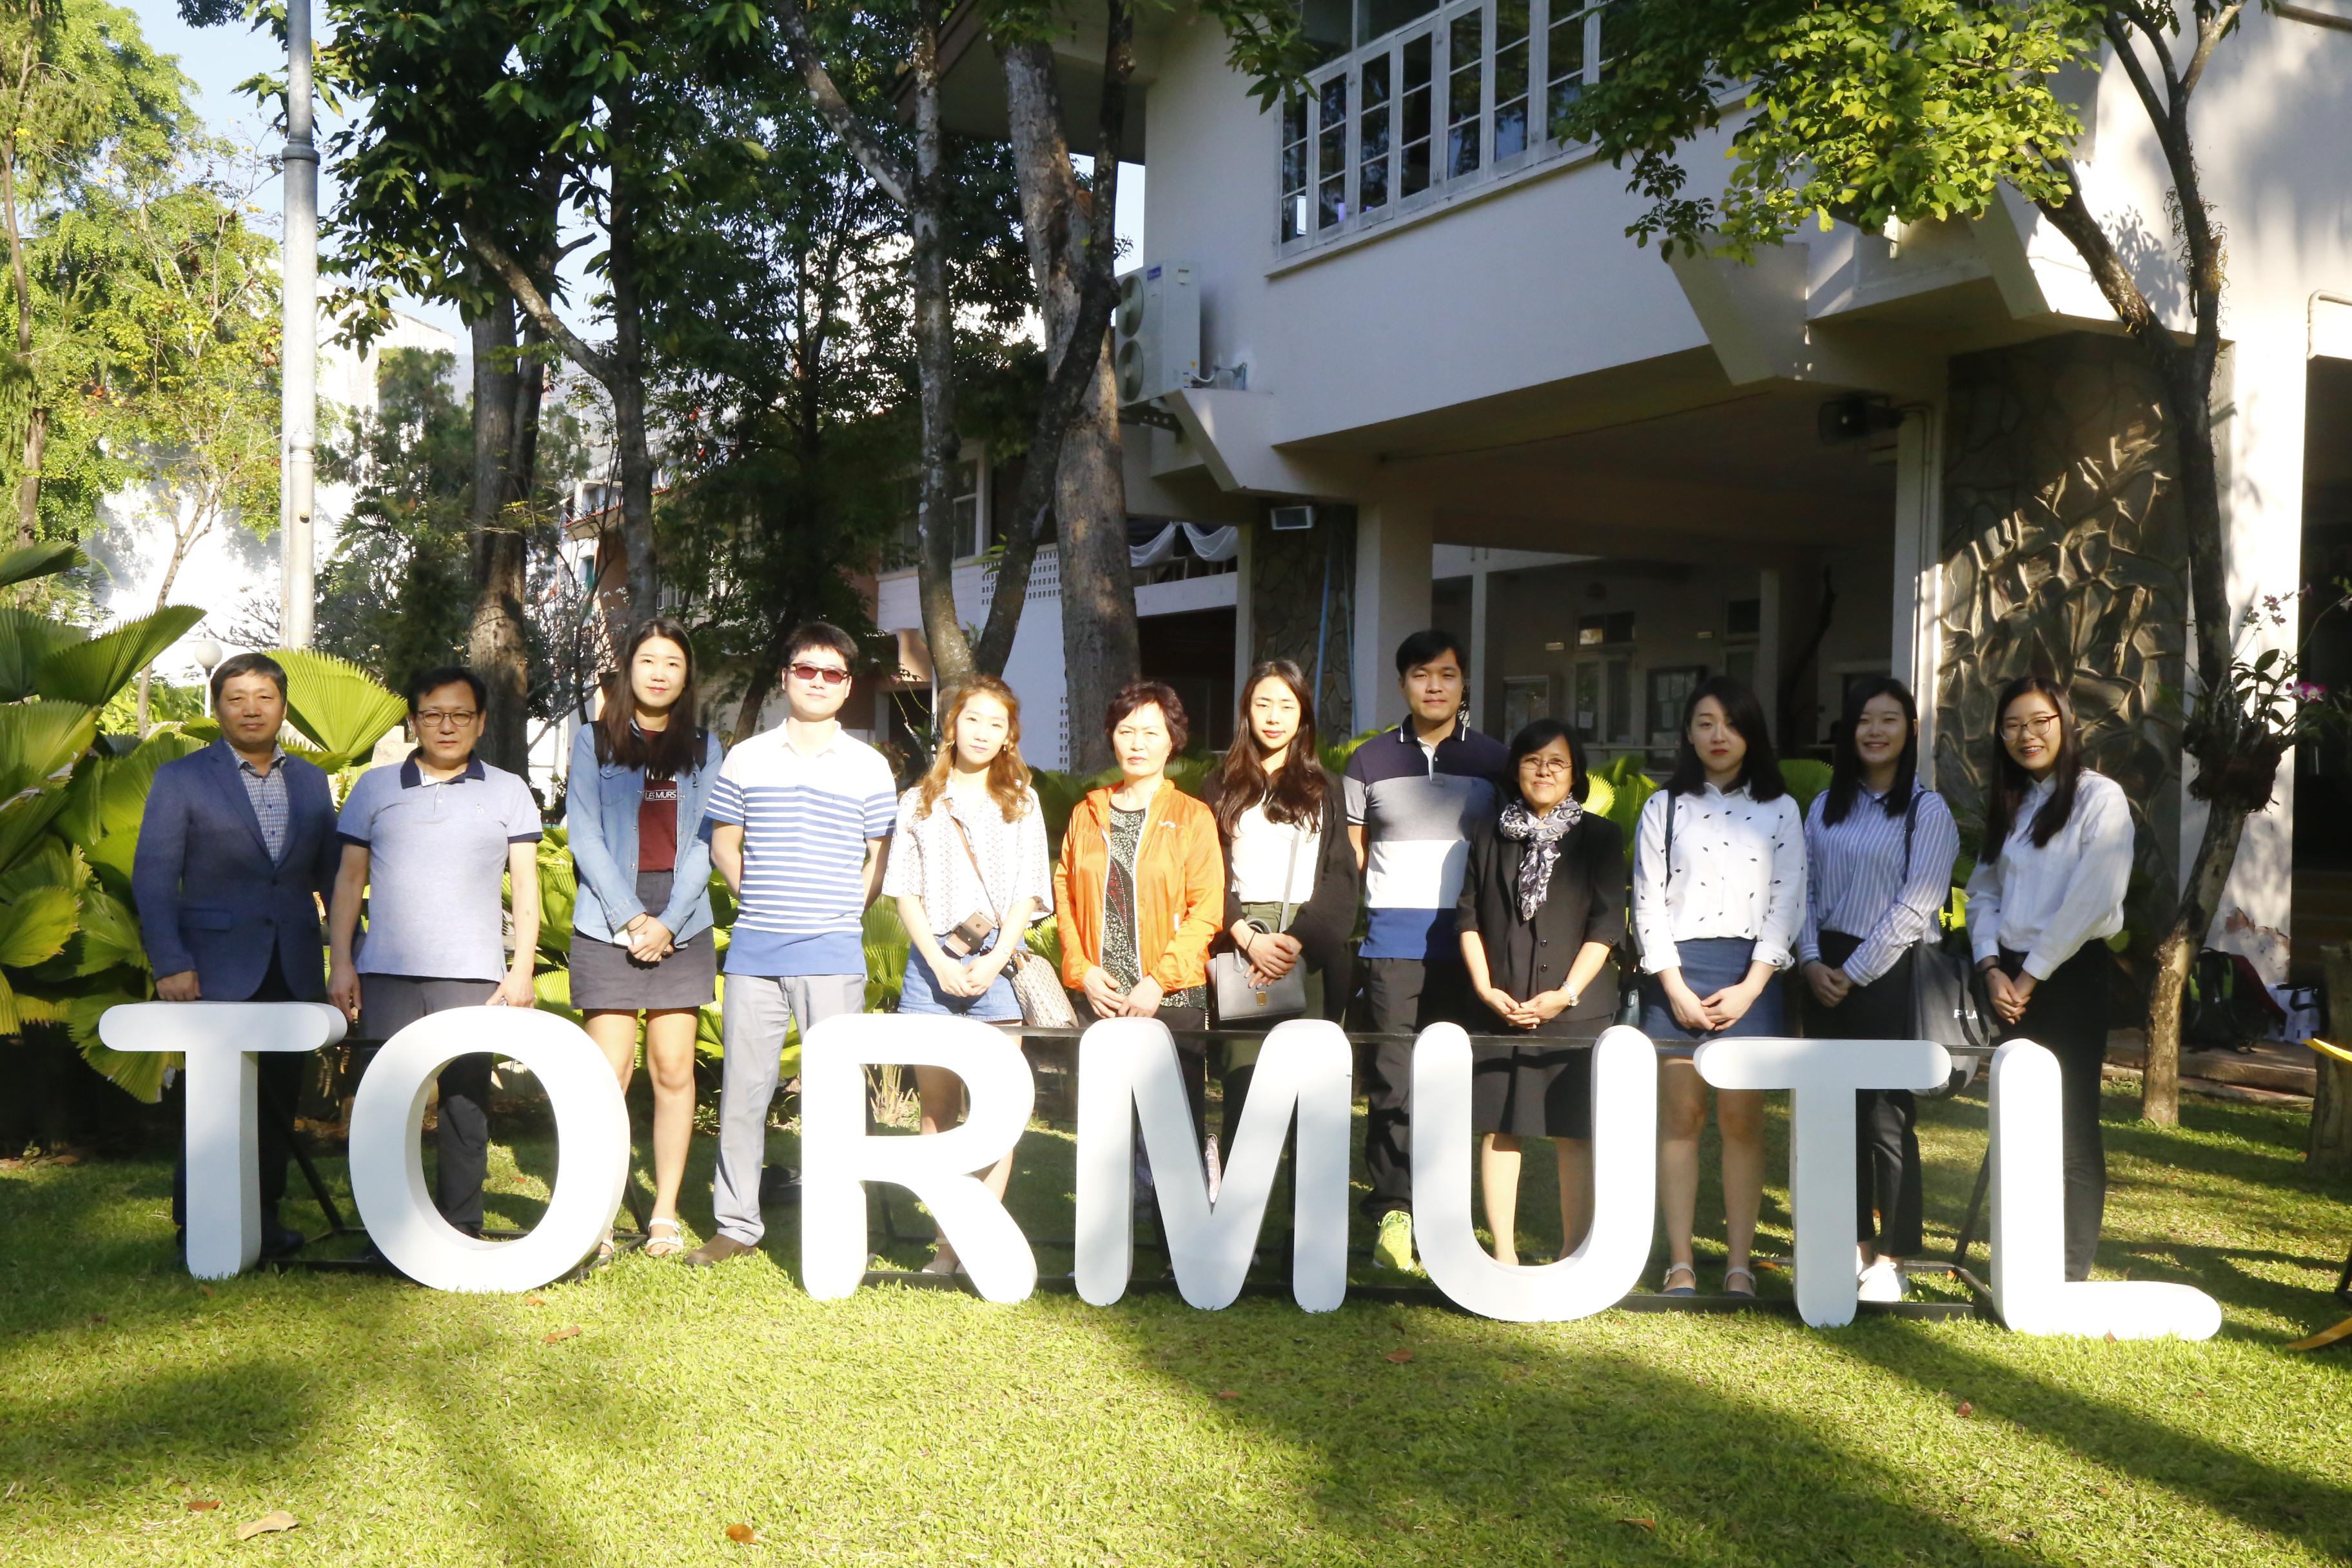 KOREATECH เข้าประชุมกับผู้บริหาร มทร.ล้านนา ถกประเด็นพัฒนาอาจารย์และนักศึกษาร่วมกัน